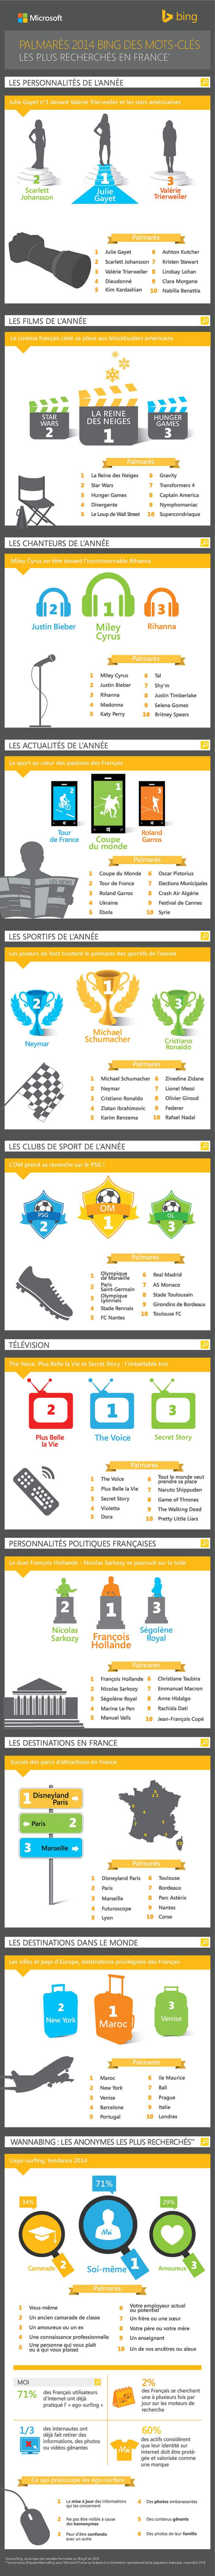 Infographie: Palmarès des mots clés les plus recherchés